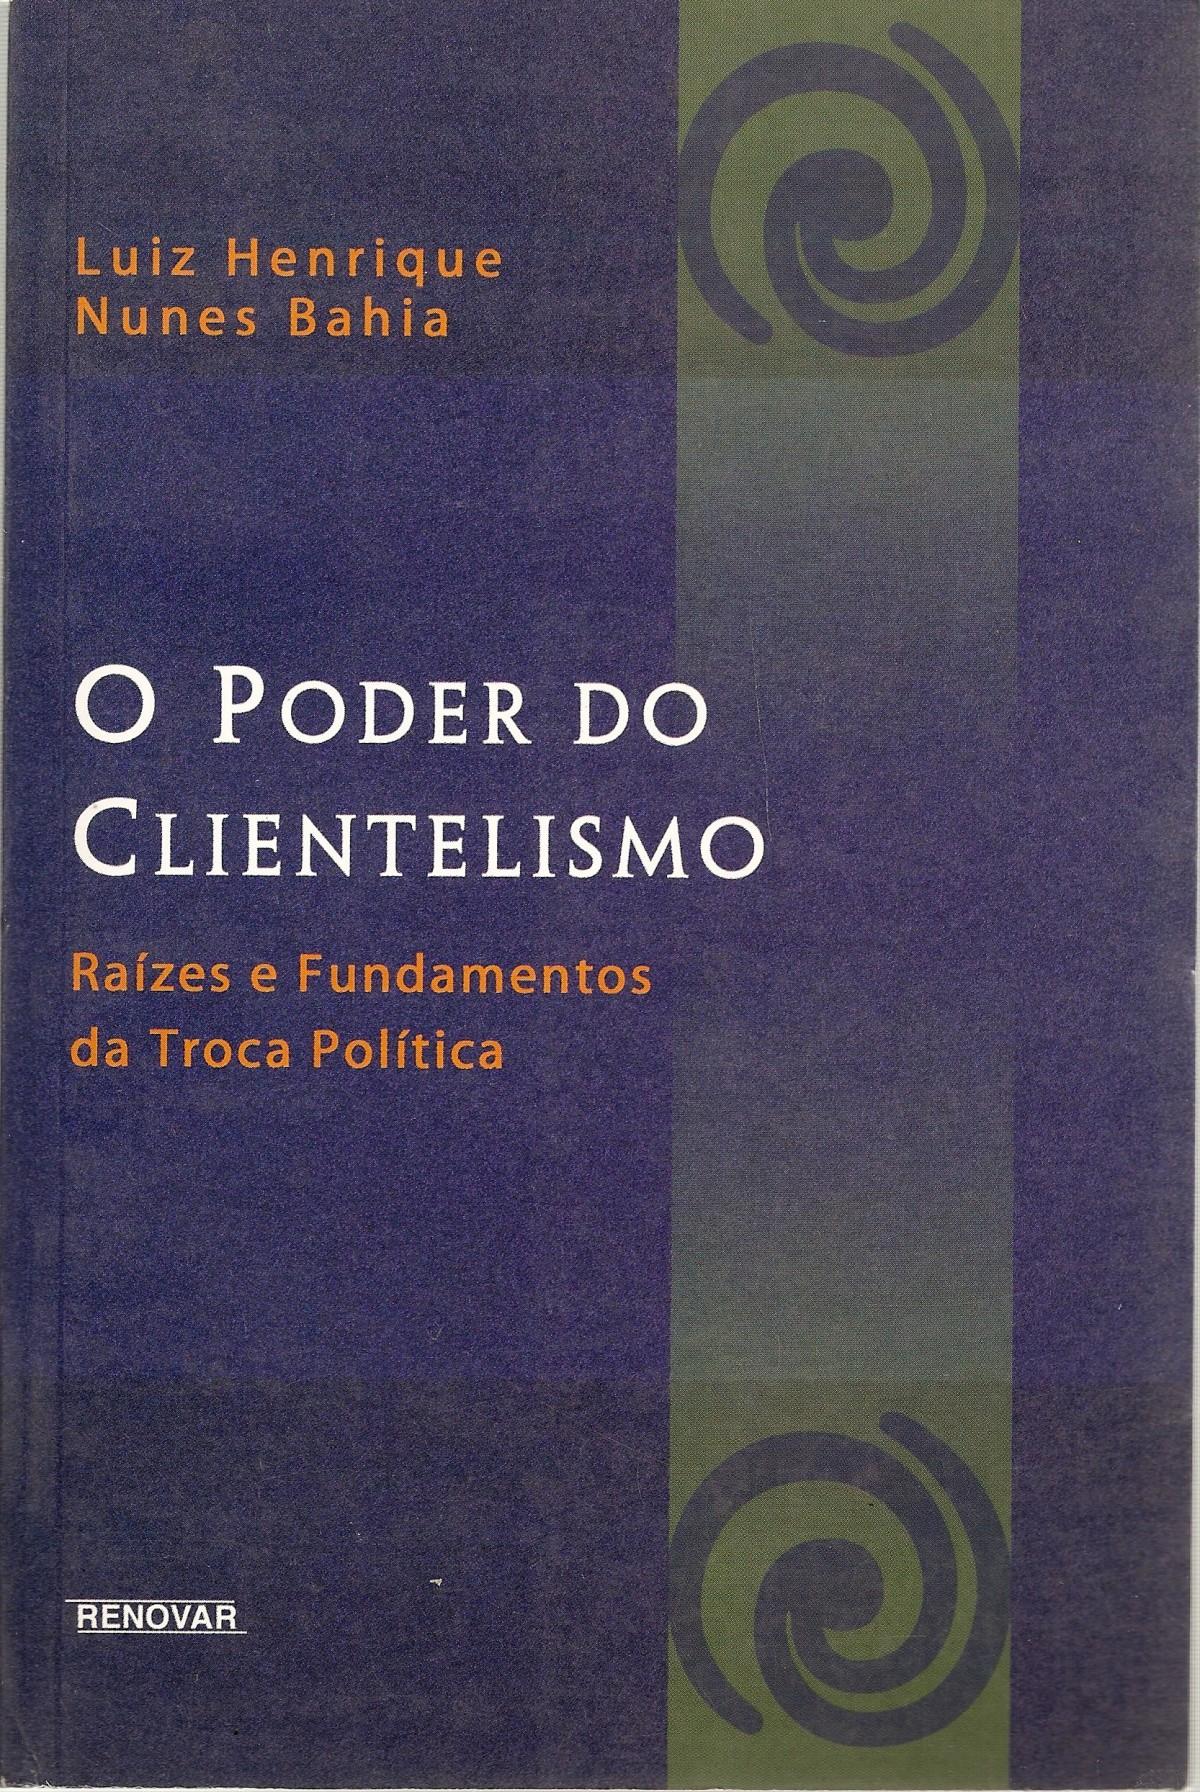 Foto 1 - O Poder do Clientelismo